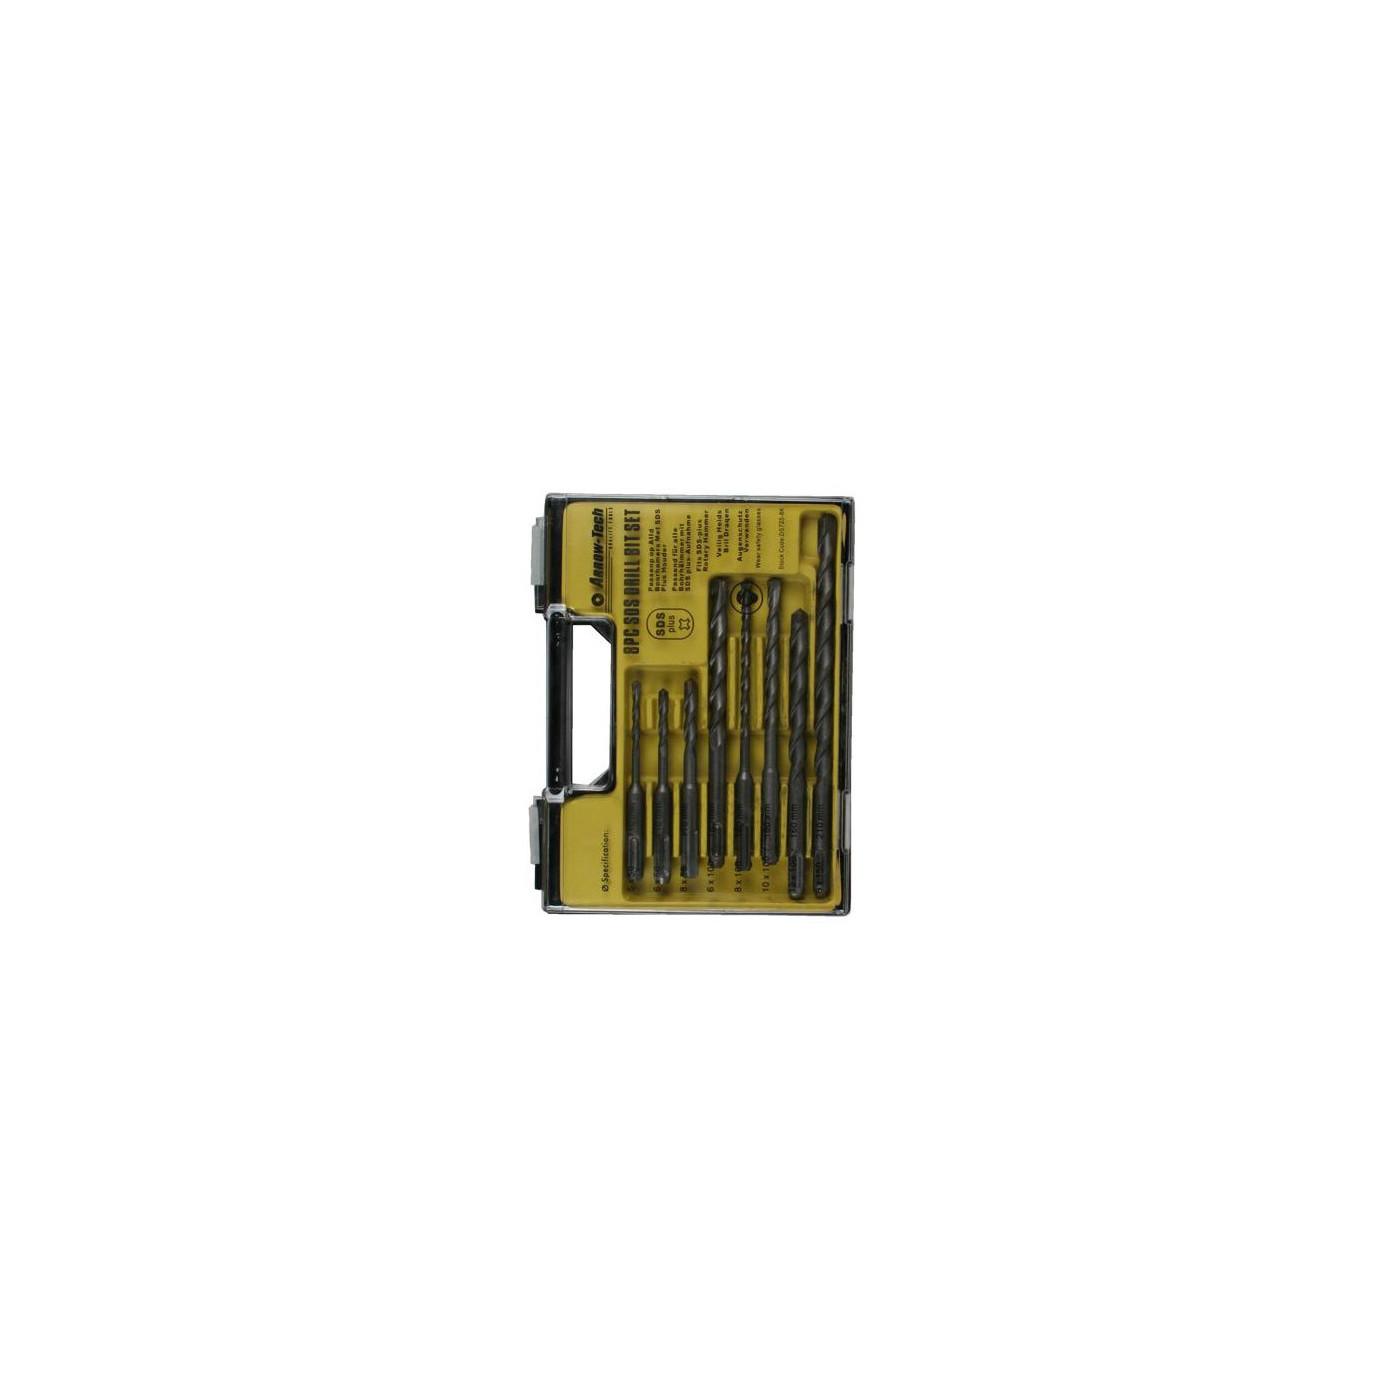 SDS-PLUS set trapani per calcestruzzo (8 pezzi) in scatola